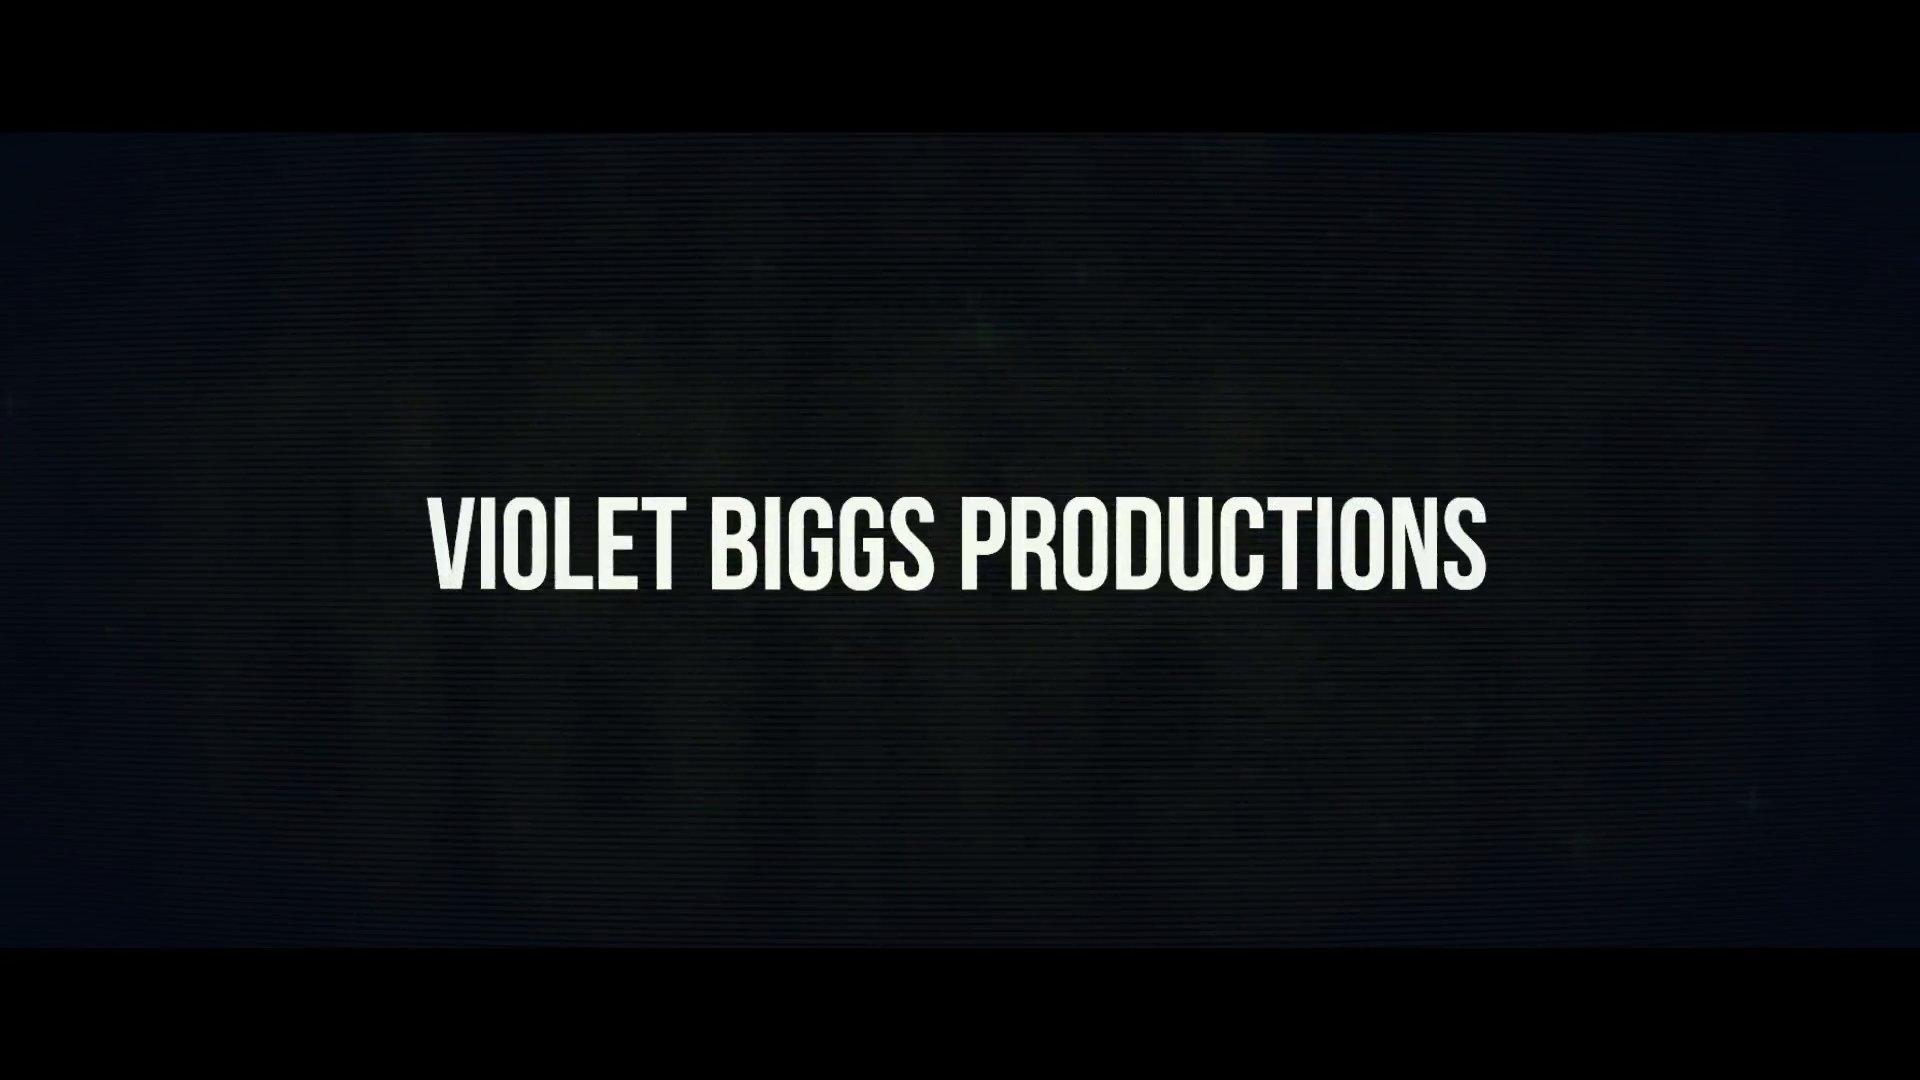 Violet Biggs